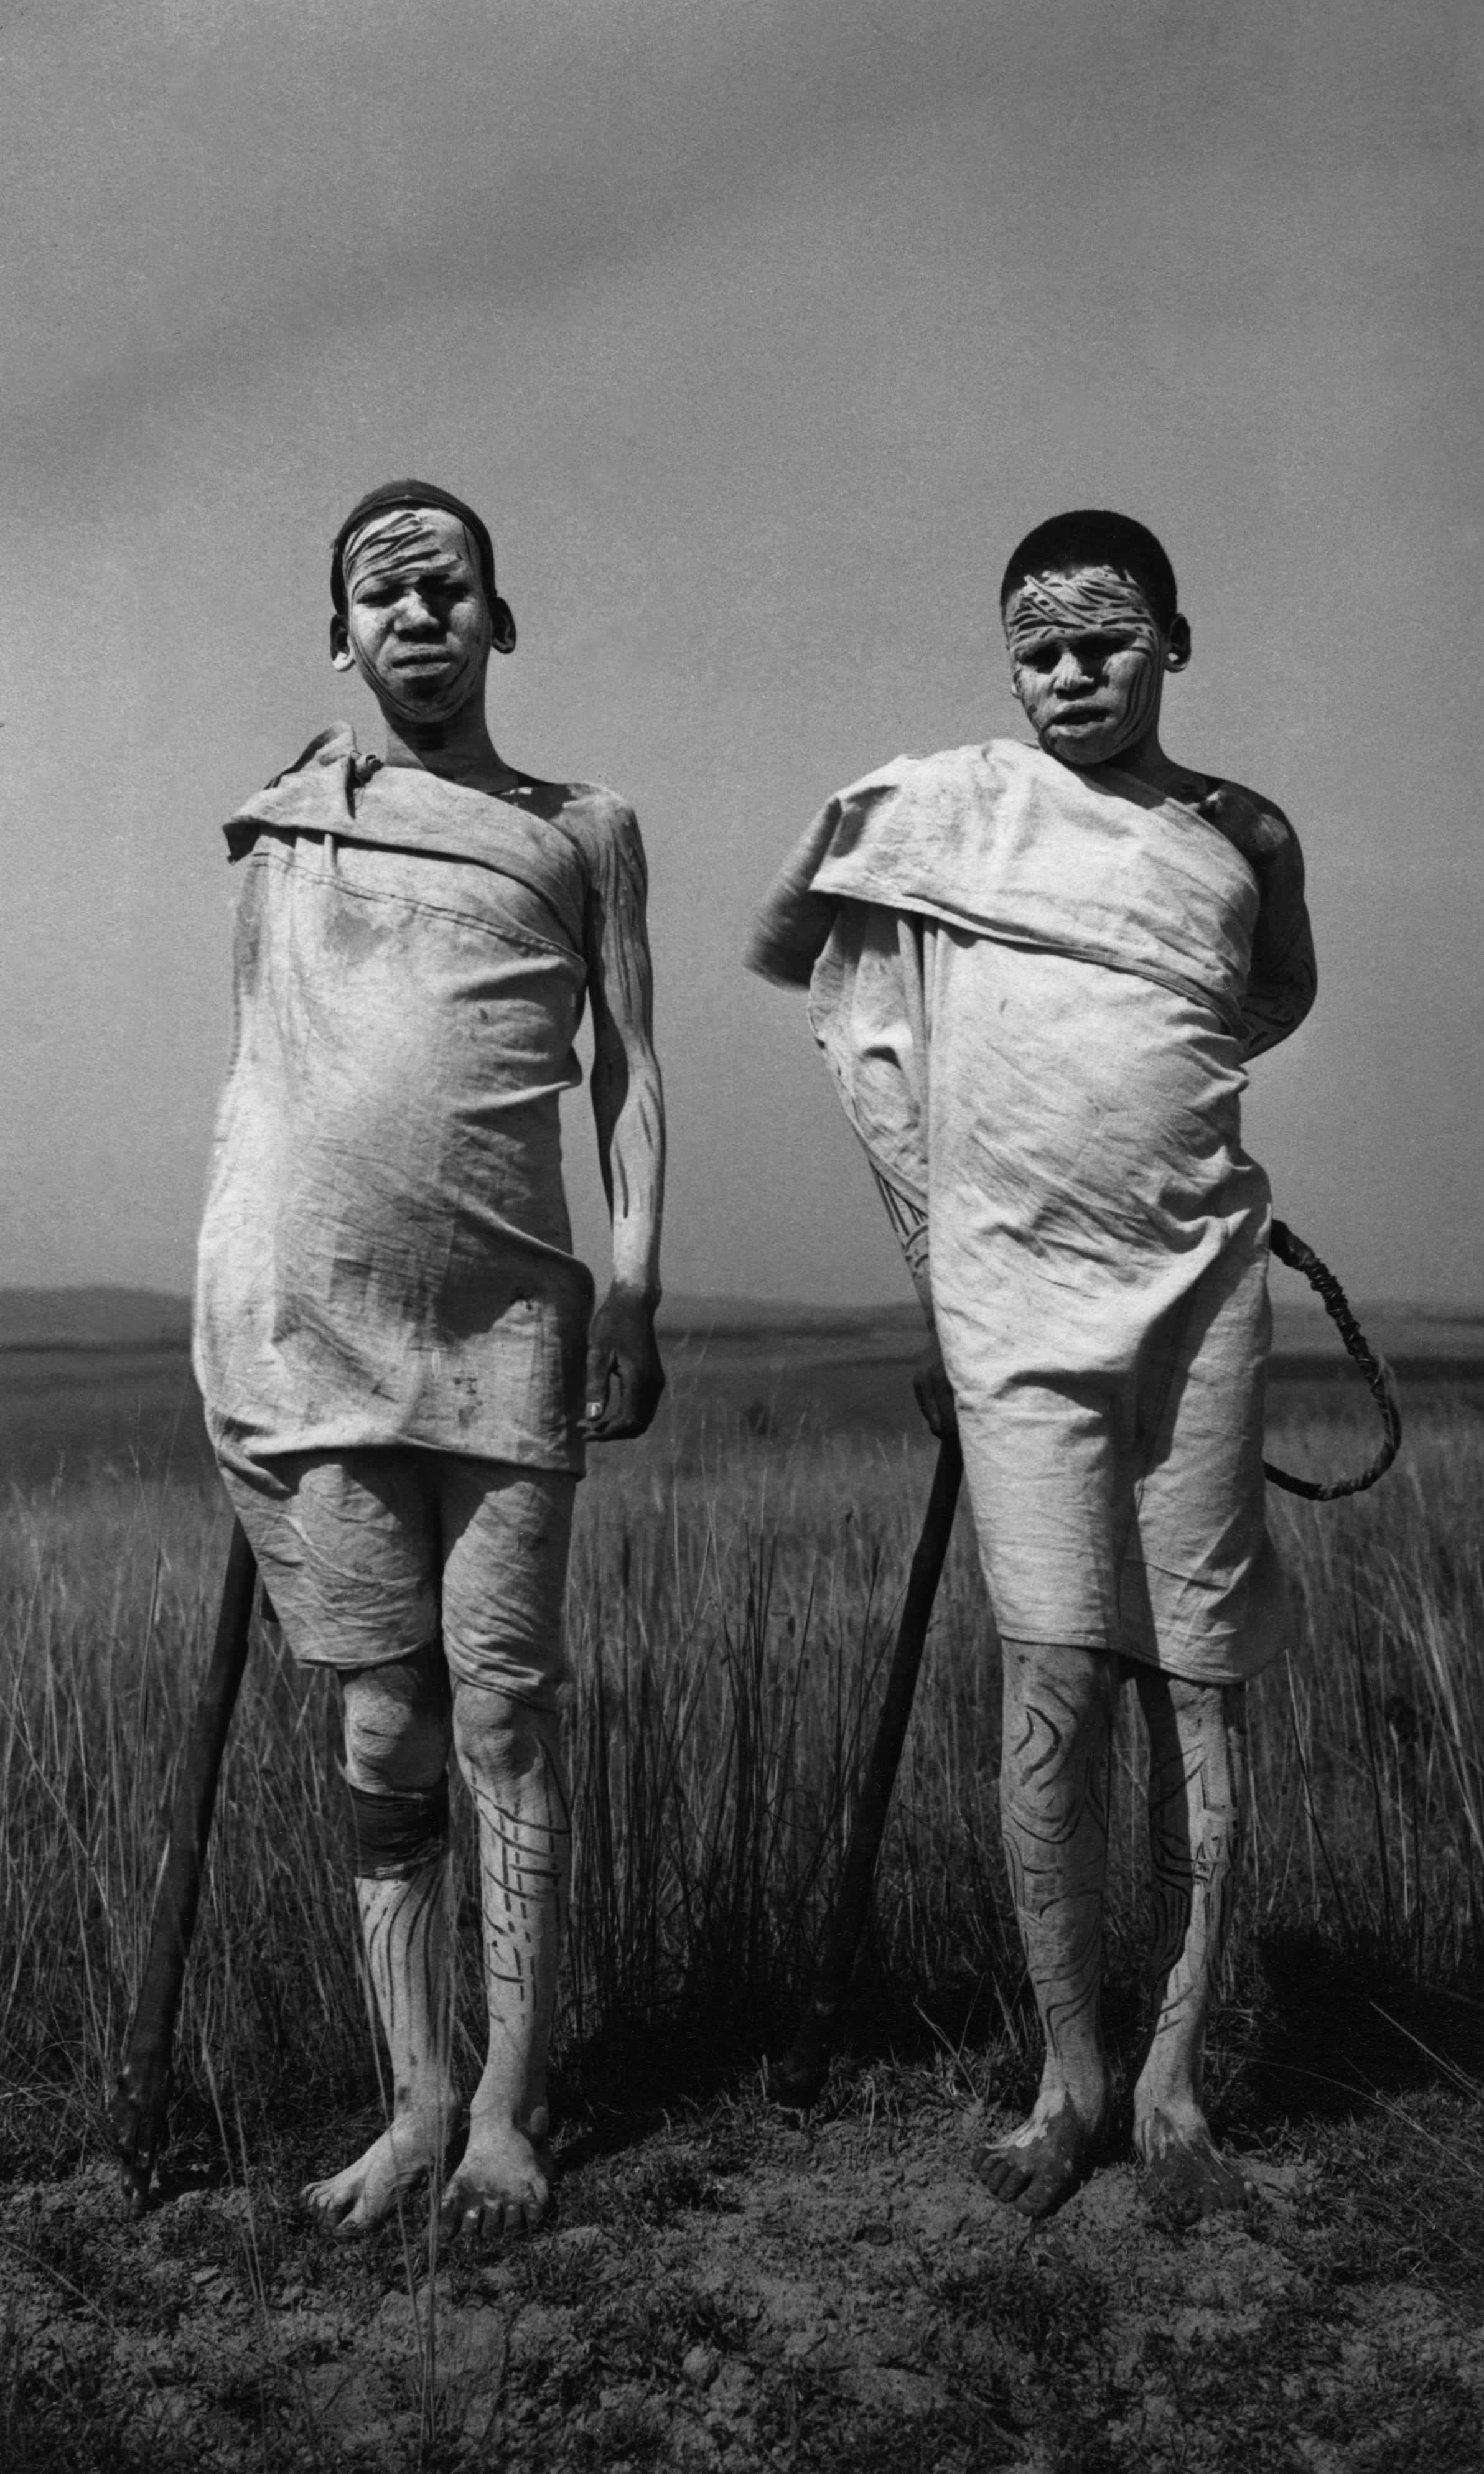 © Széchenyi Zsigmond fotóalbumai / Széchenyi Zsigmondné / Magyar Természettudományi Múzeum